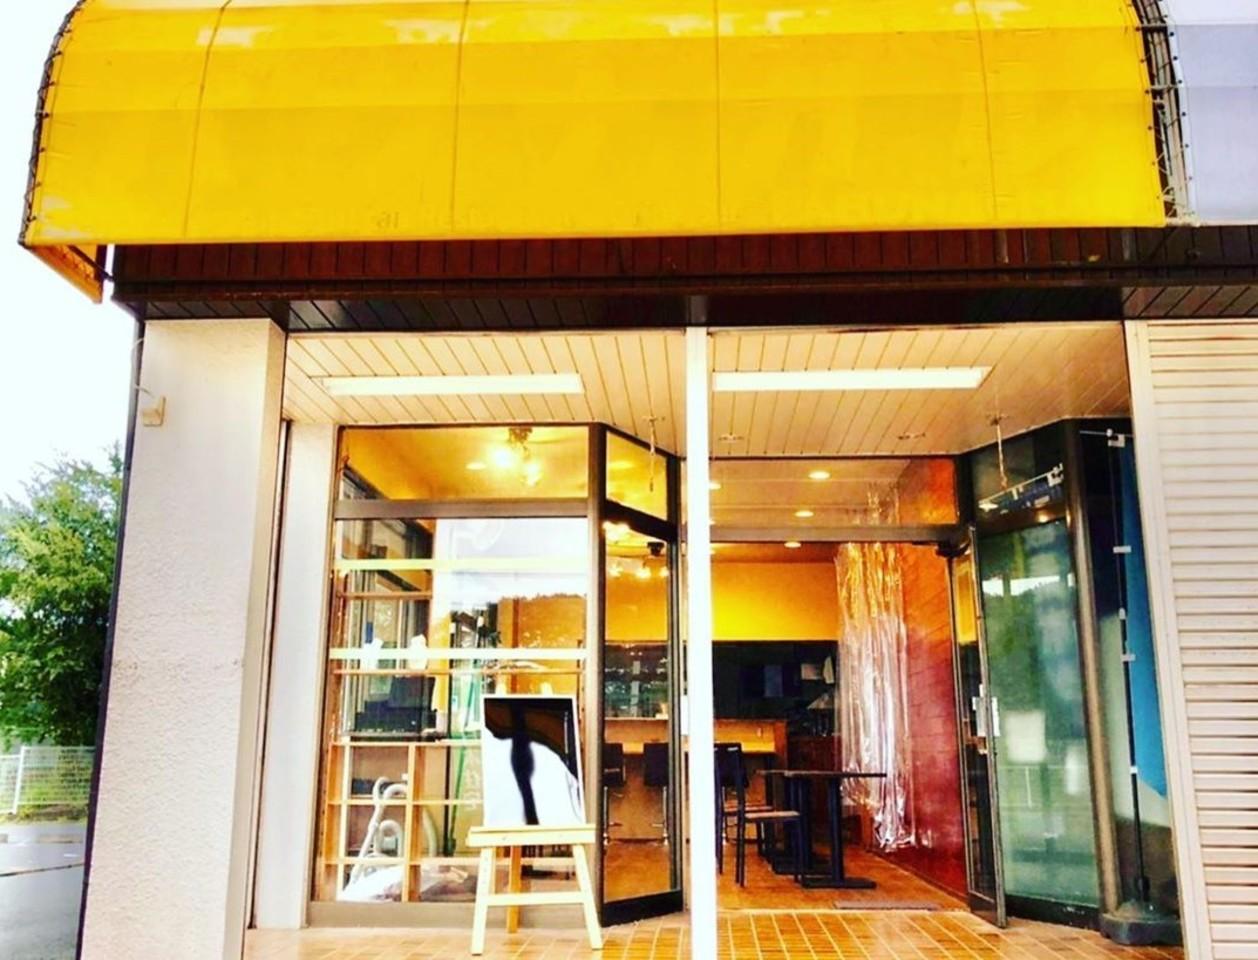 千葉県船橋市小室町に「居酒屋ゆきまる」が本日よりプレオープンのようです。